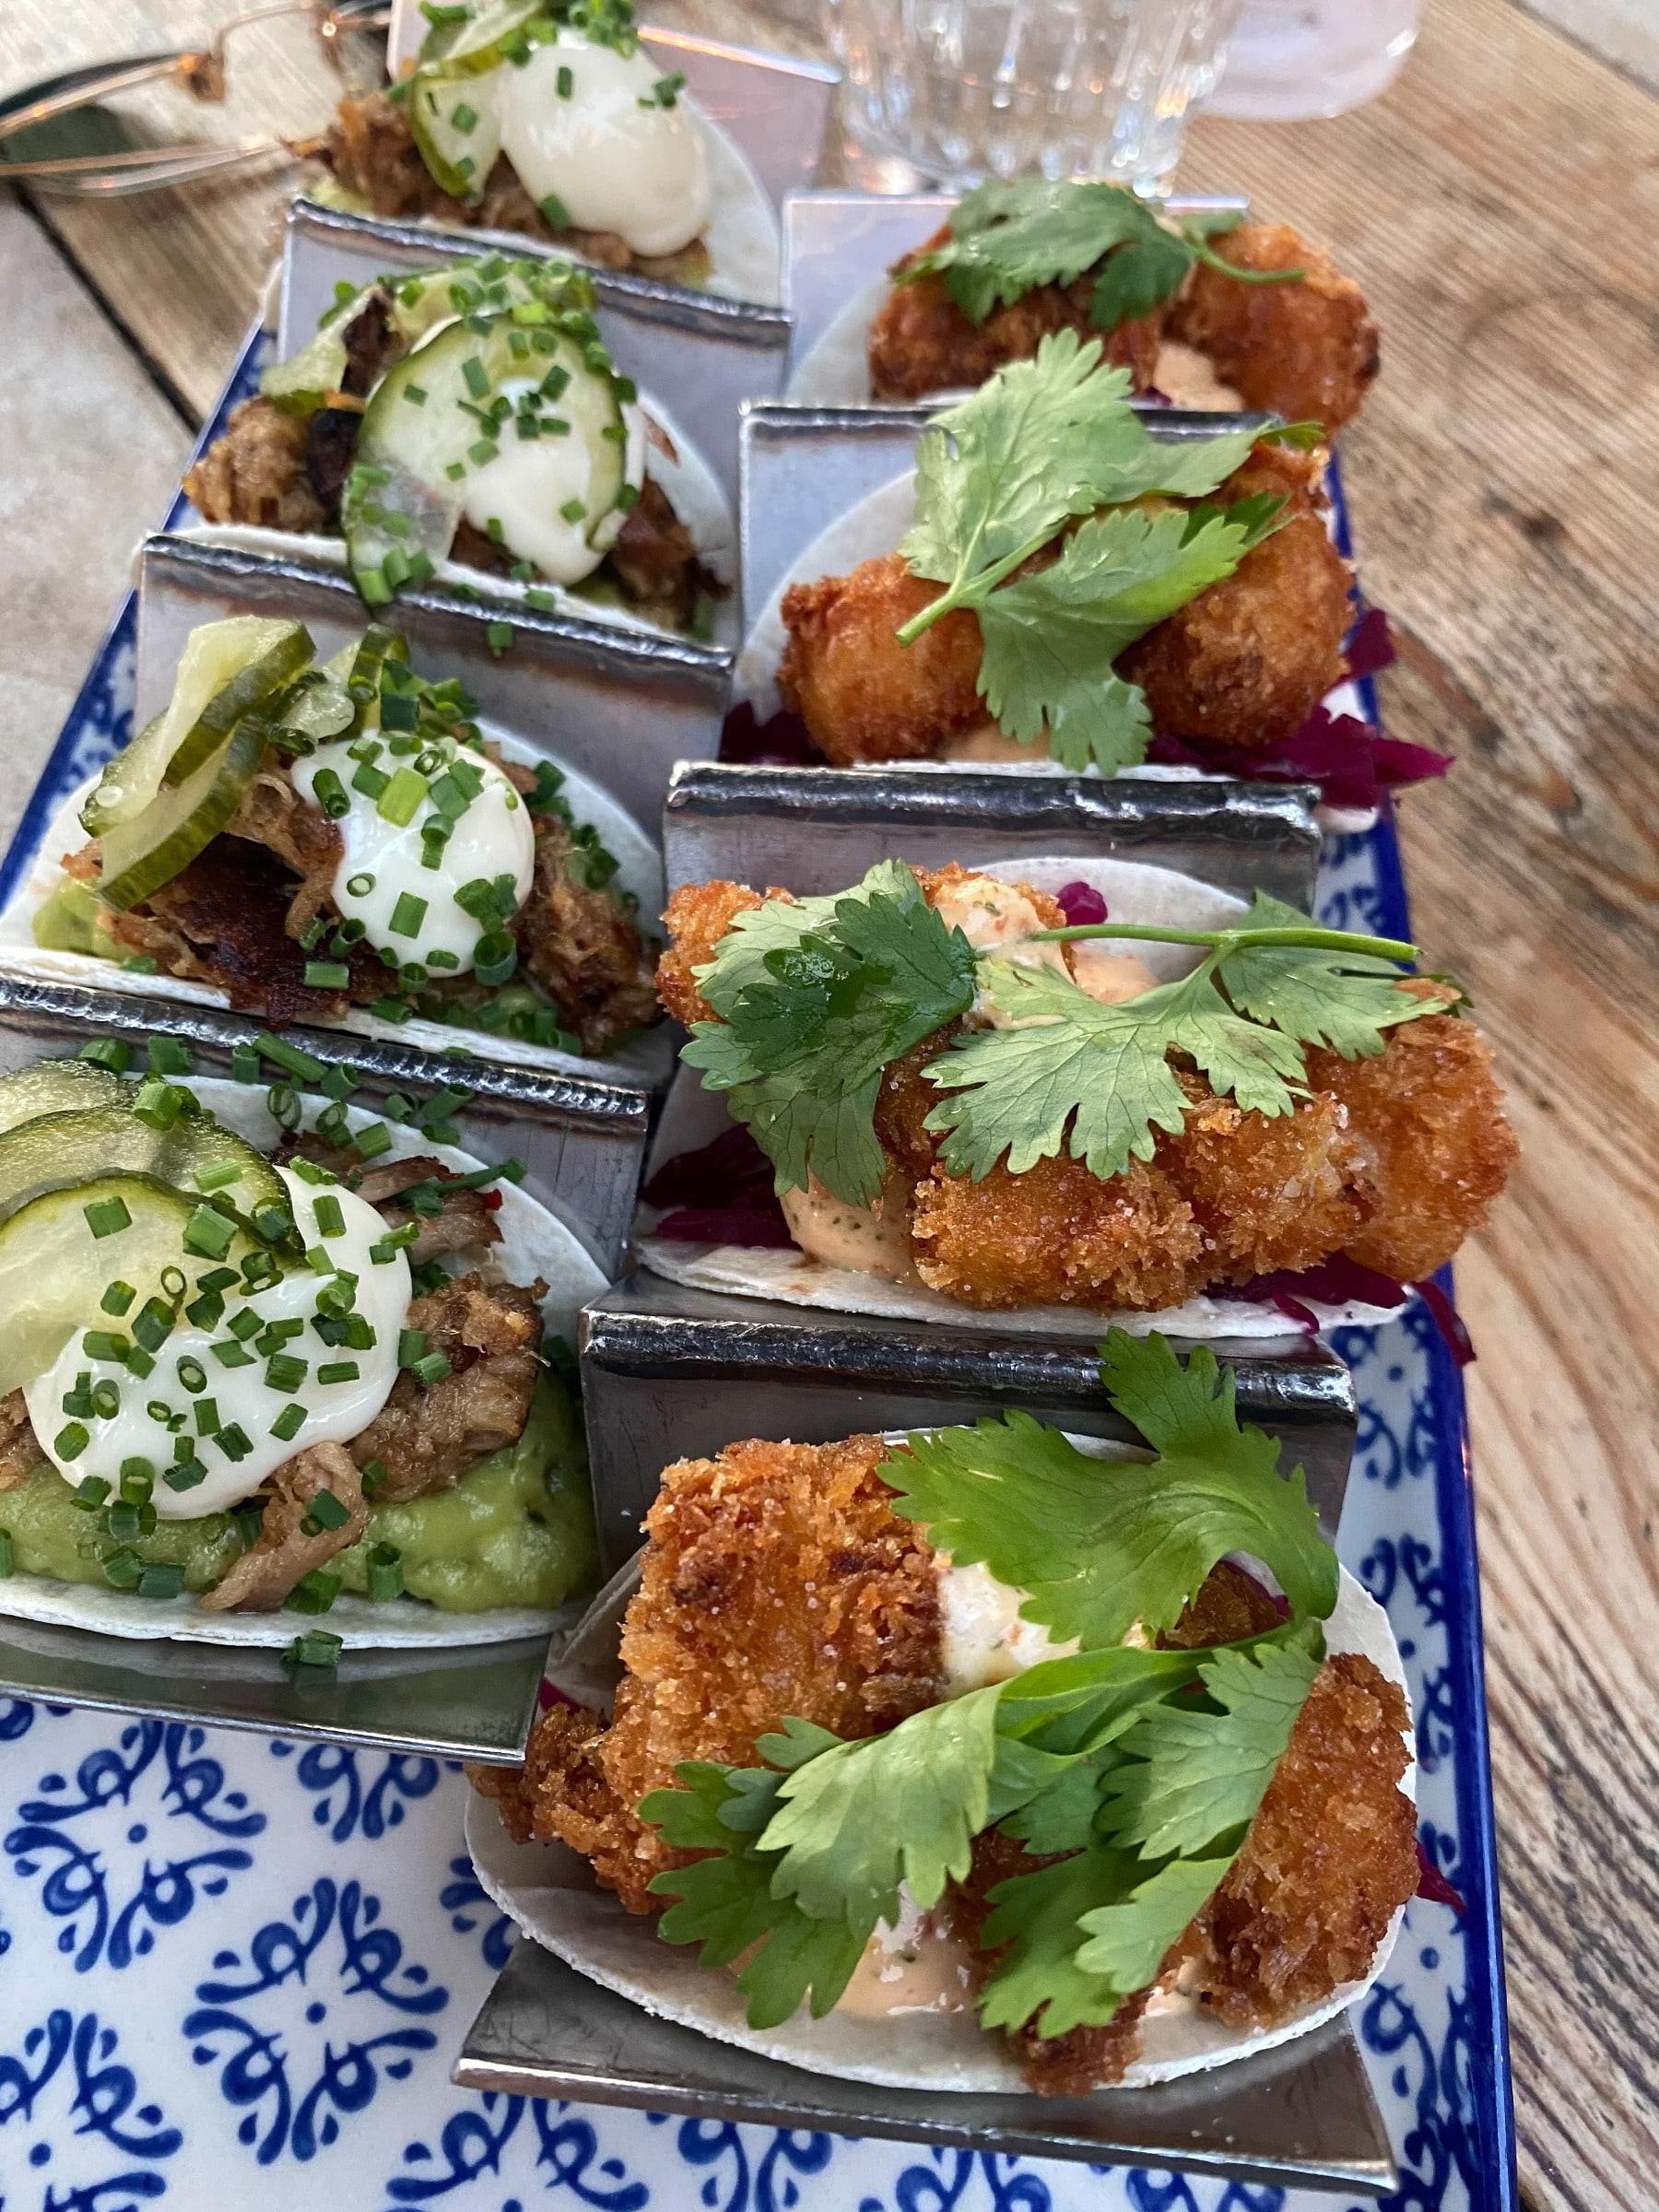 Påfyllning av tacos – Bild från Supper Visby av Adam L.